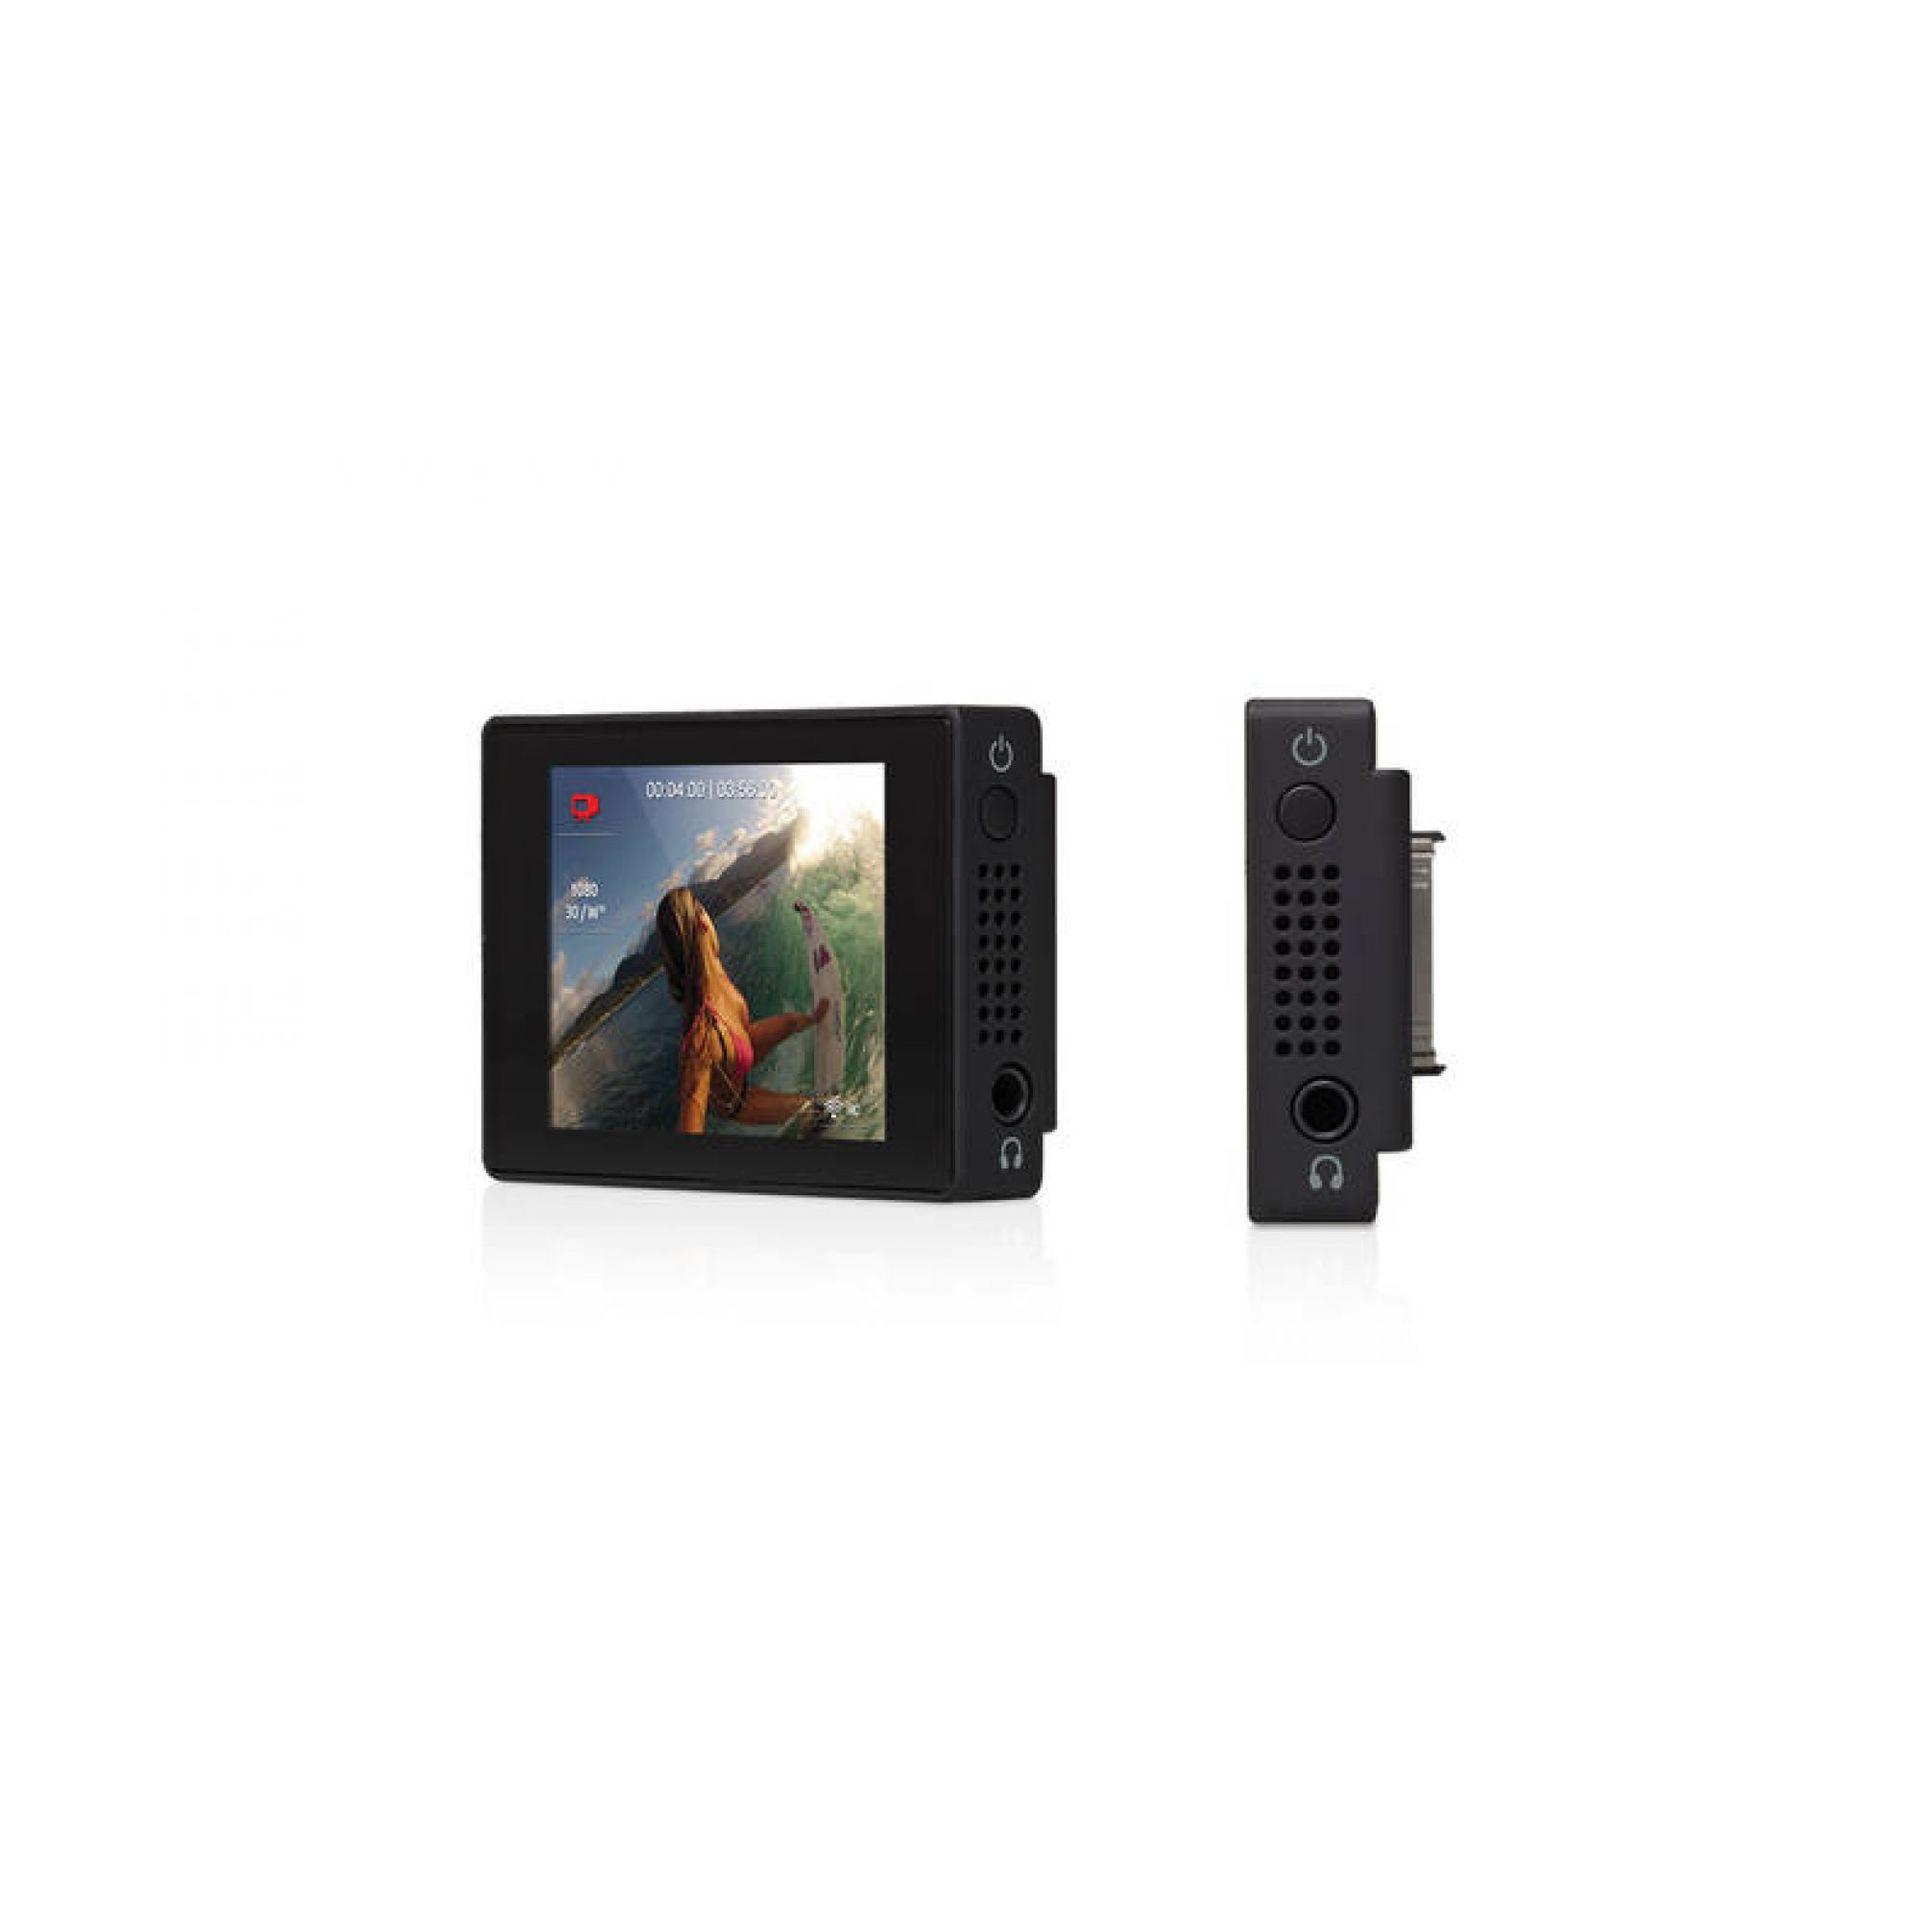 ZEWNĘTRZNY WYŚWIETLACZ DO KAMER GOPRO LCD TOUCH BACPACK ALCDB-303 LTD